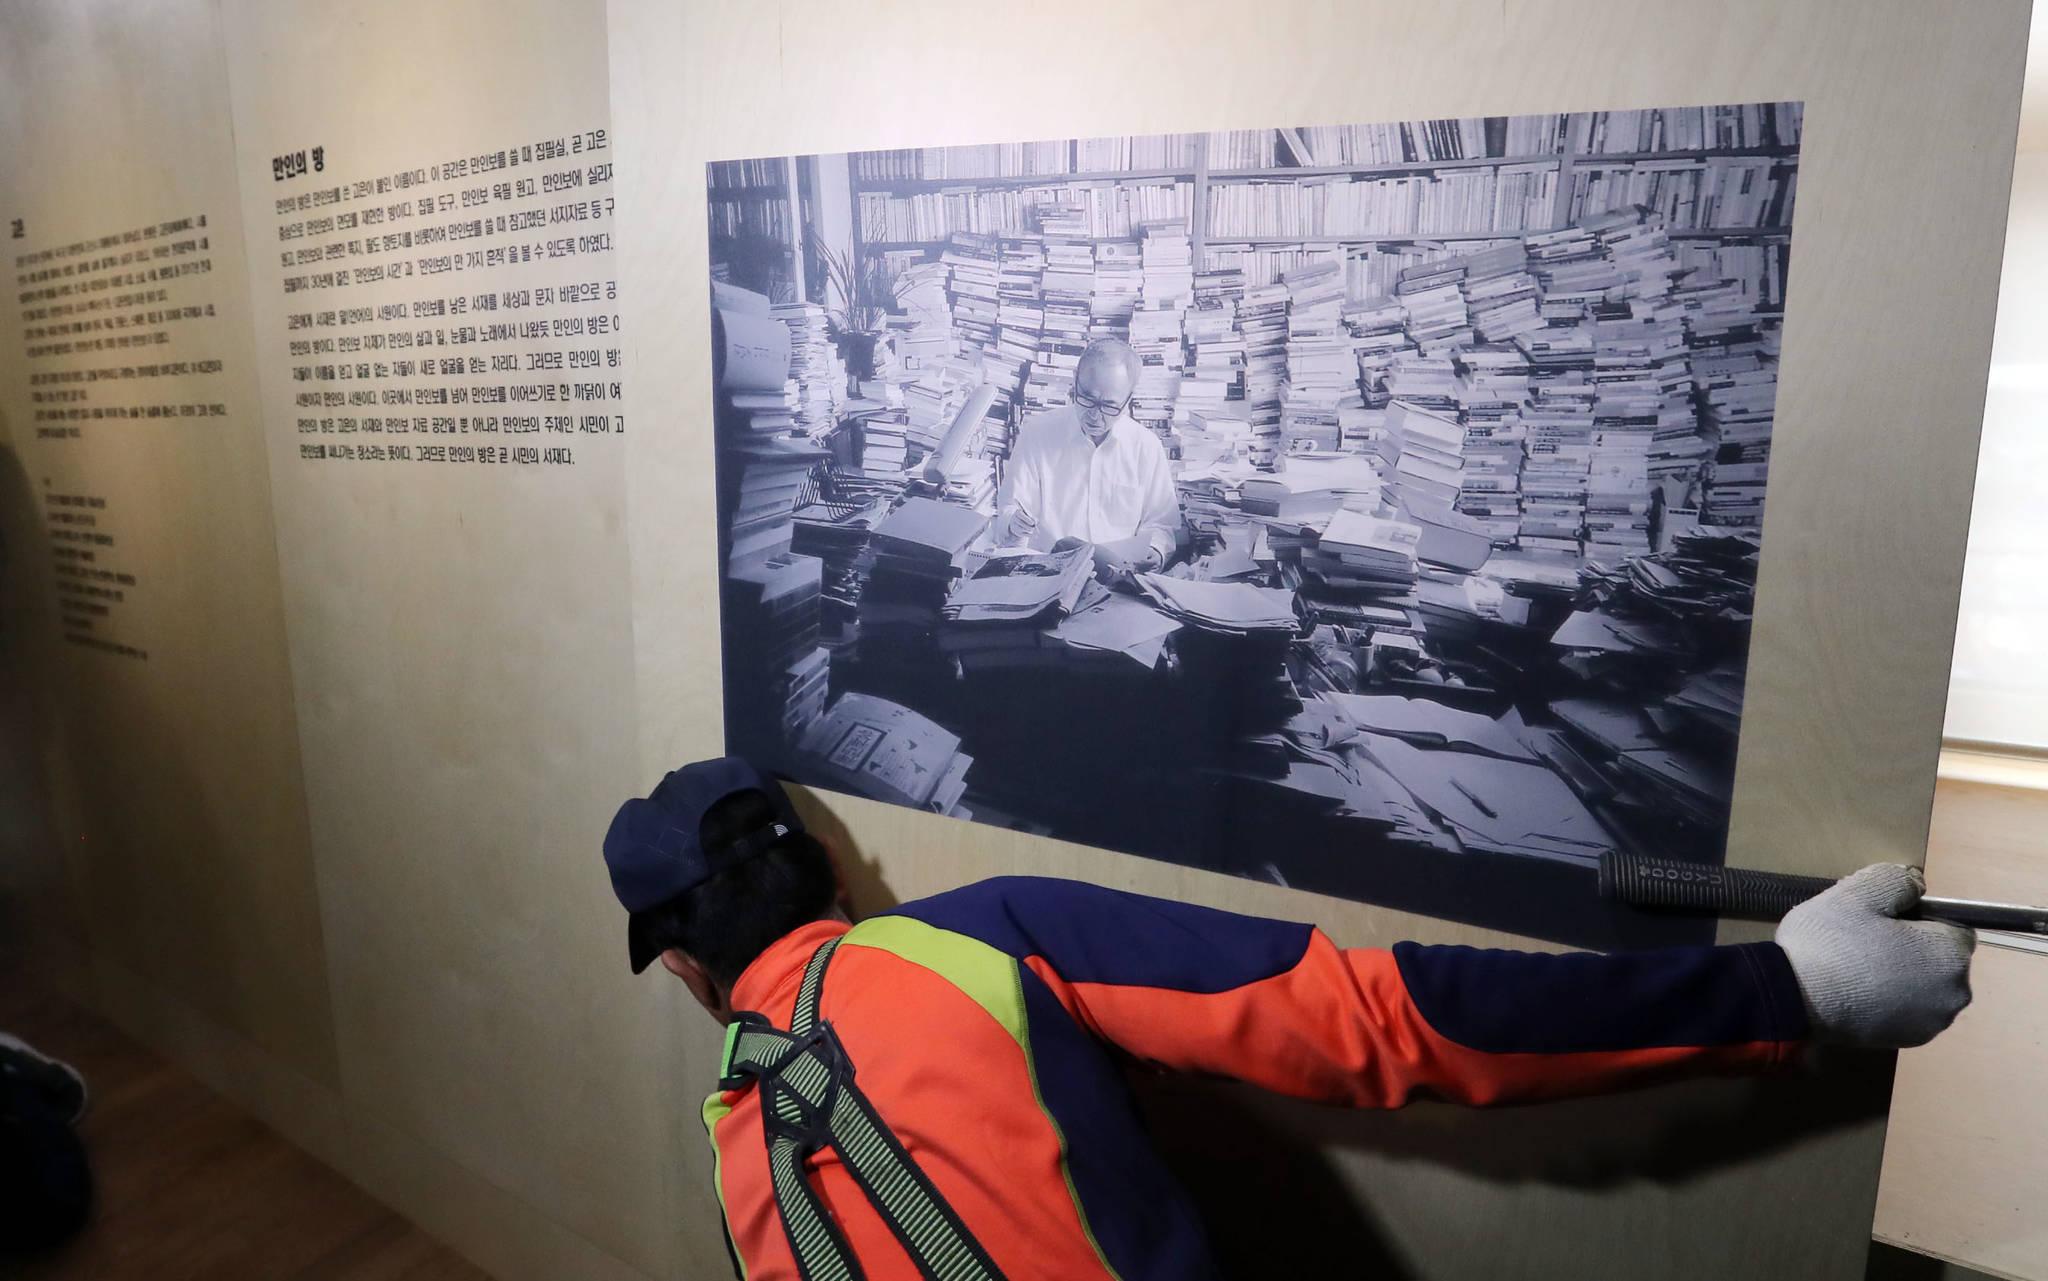 성추행 의혹을 받고 있는 고은 시인의 삶과 문학을 조명한 전시 공간인 서울 중구 서울도서관 3층에 위치한 '만인의 방'이 12일 철거됐다. 김경록 기자